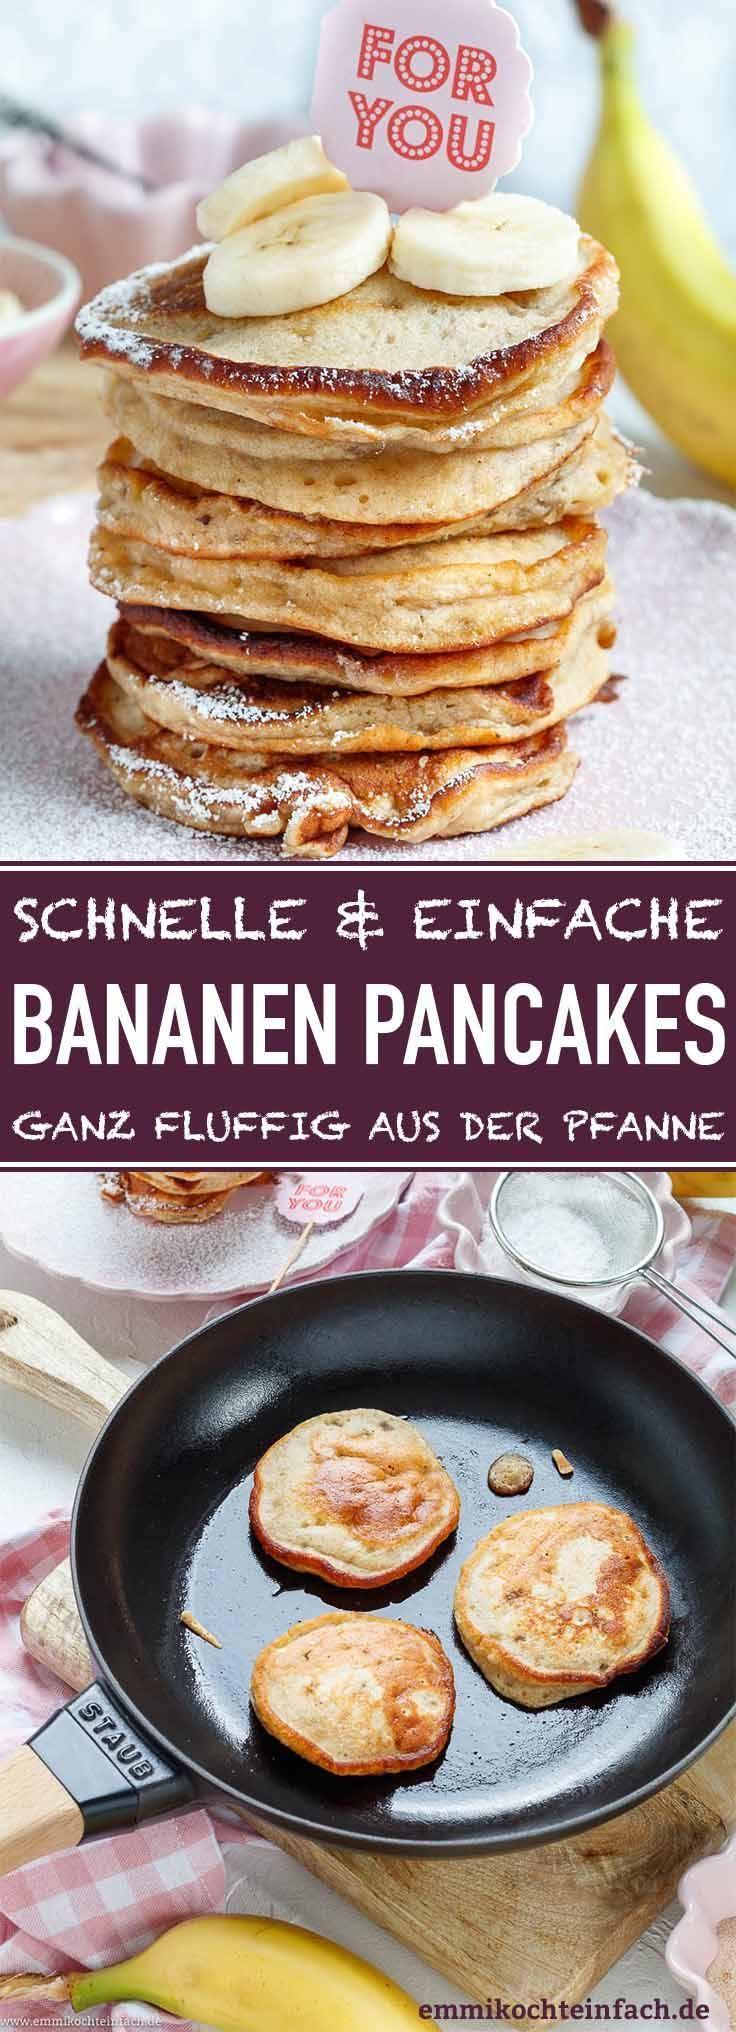 Bananen Pancakes klassisch - einfach und lecker - emmikochteinfach